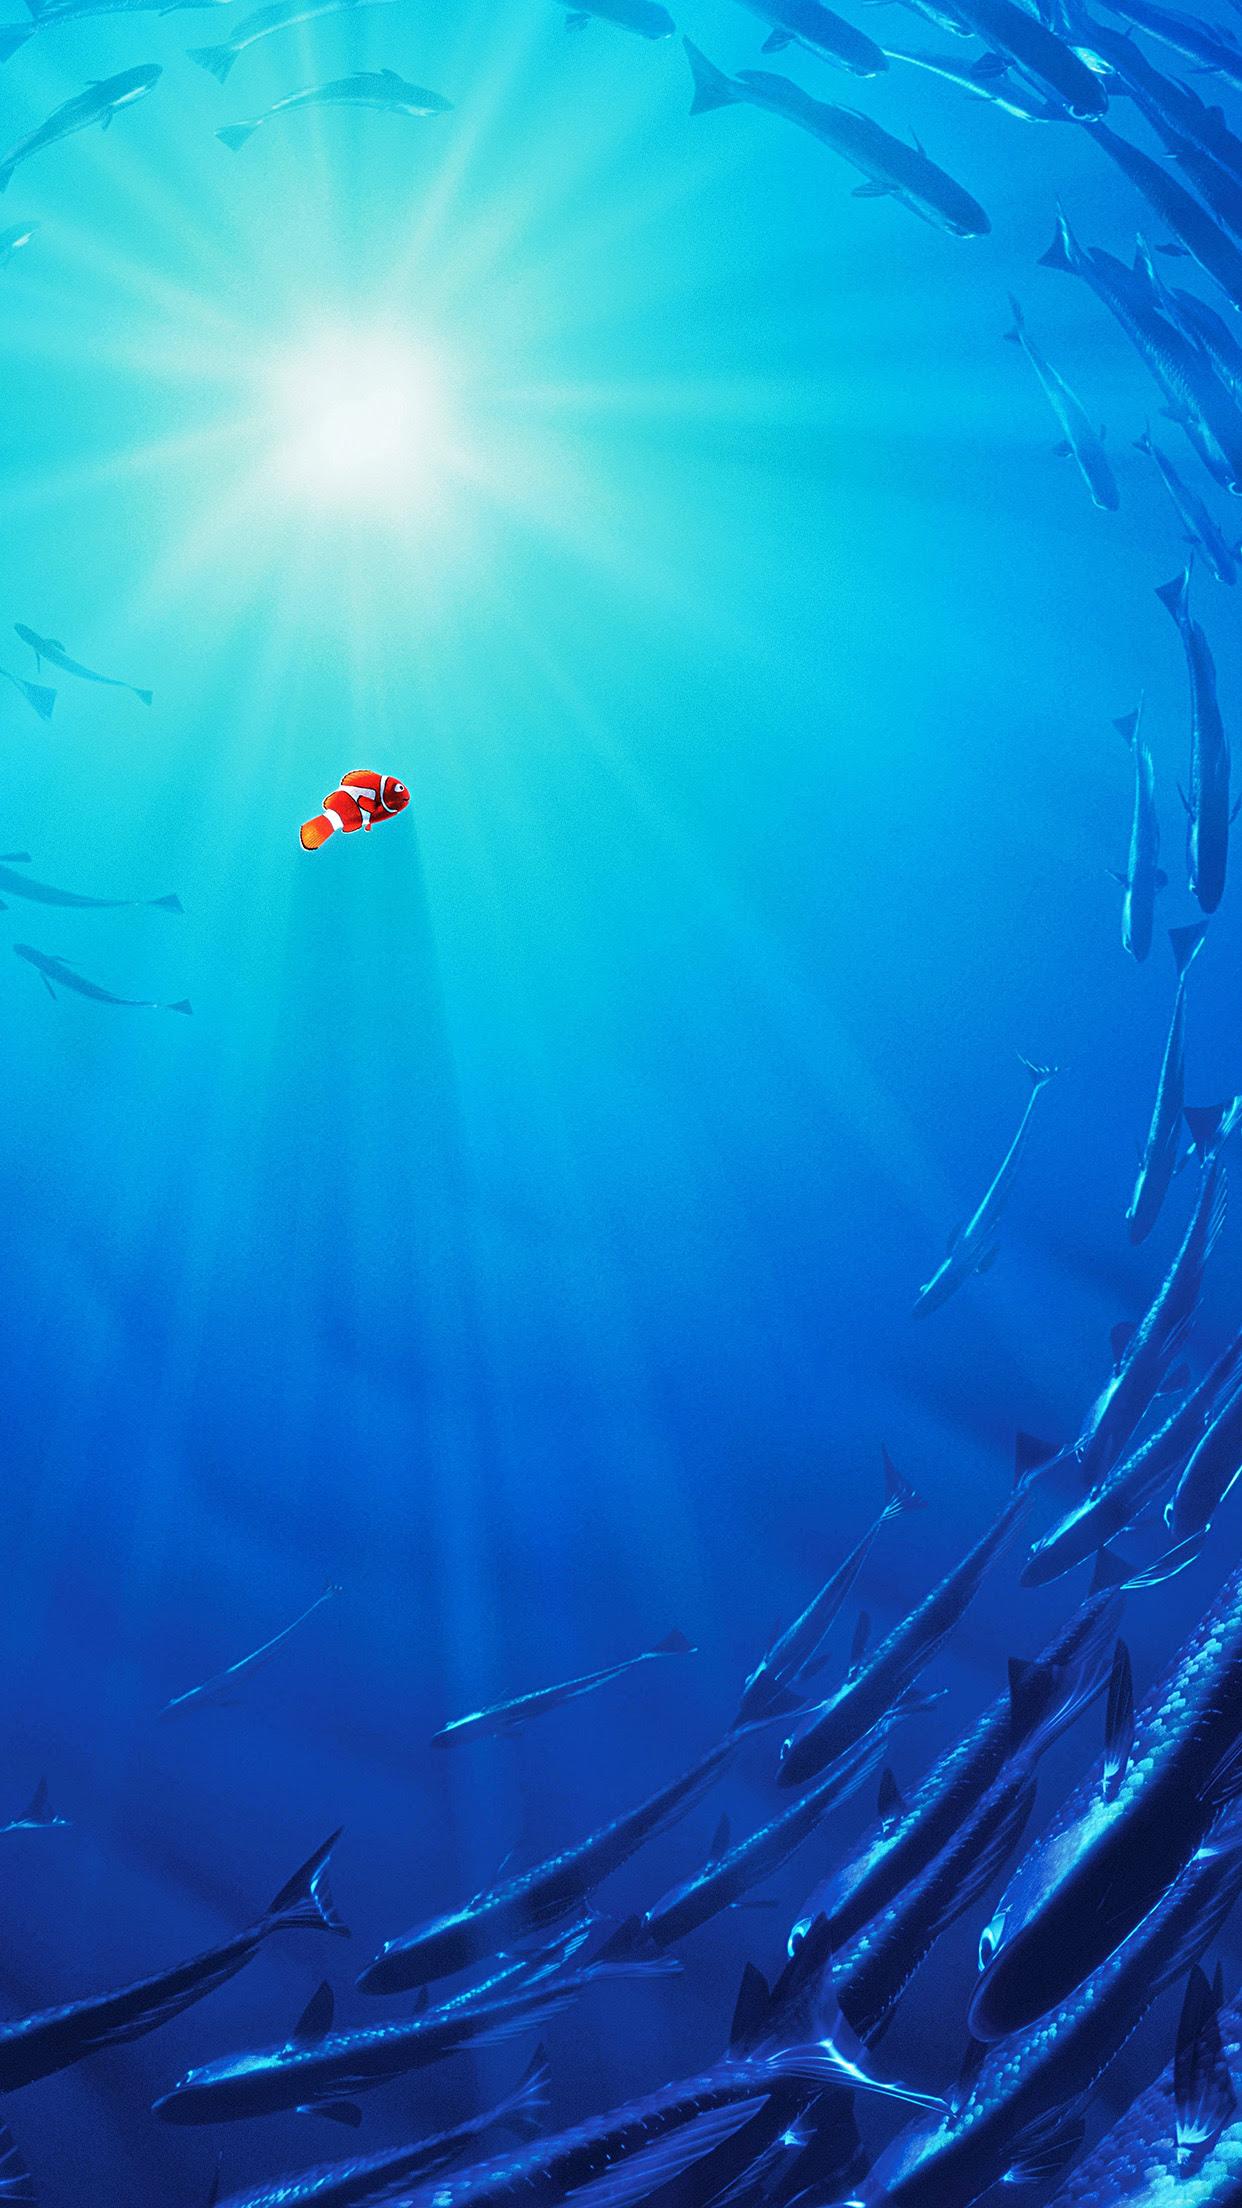 Clown Fish Wallpaper Iphone 6 Plus Download Wallpaper Iphone 6 Nemo Wallpaper Marmer